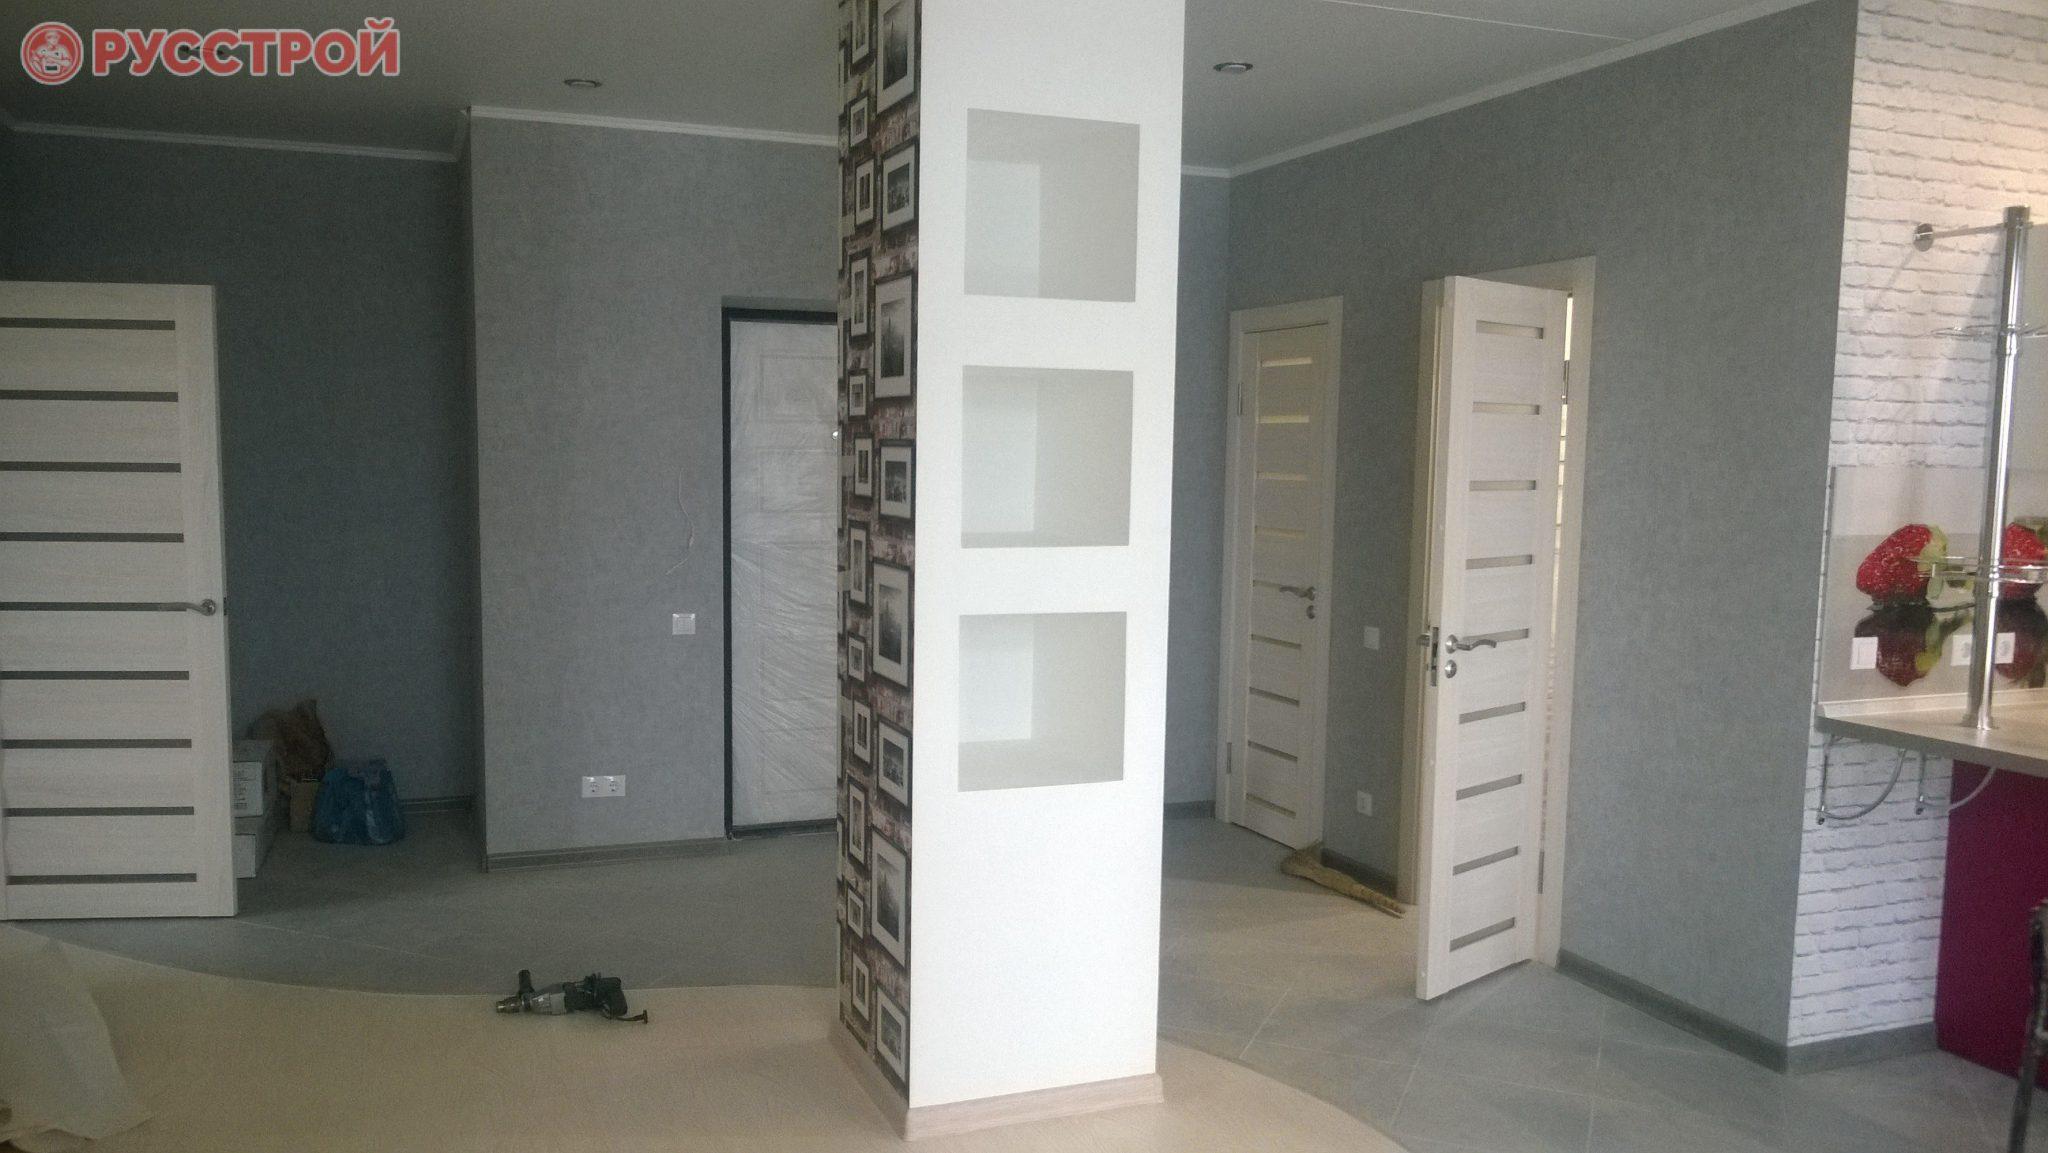 Установка декоративных колонн из гипсокартона в квартире. Русстрой г. Калуга